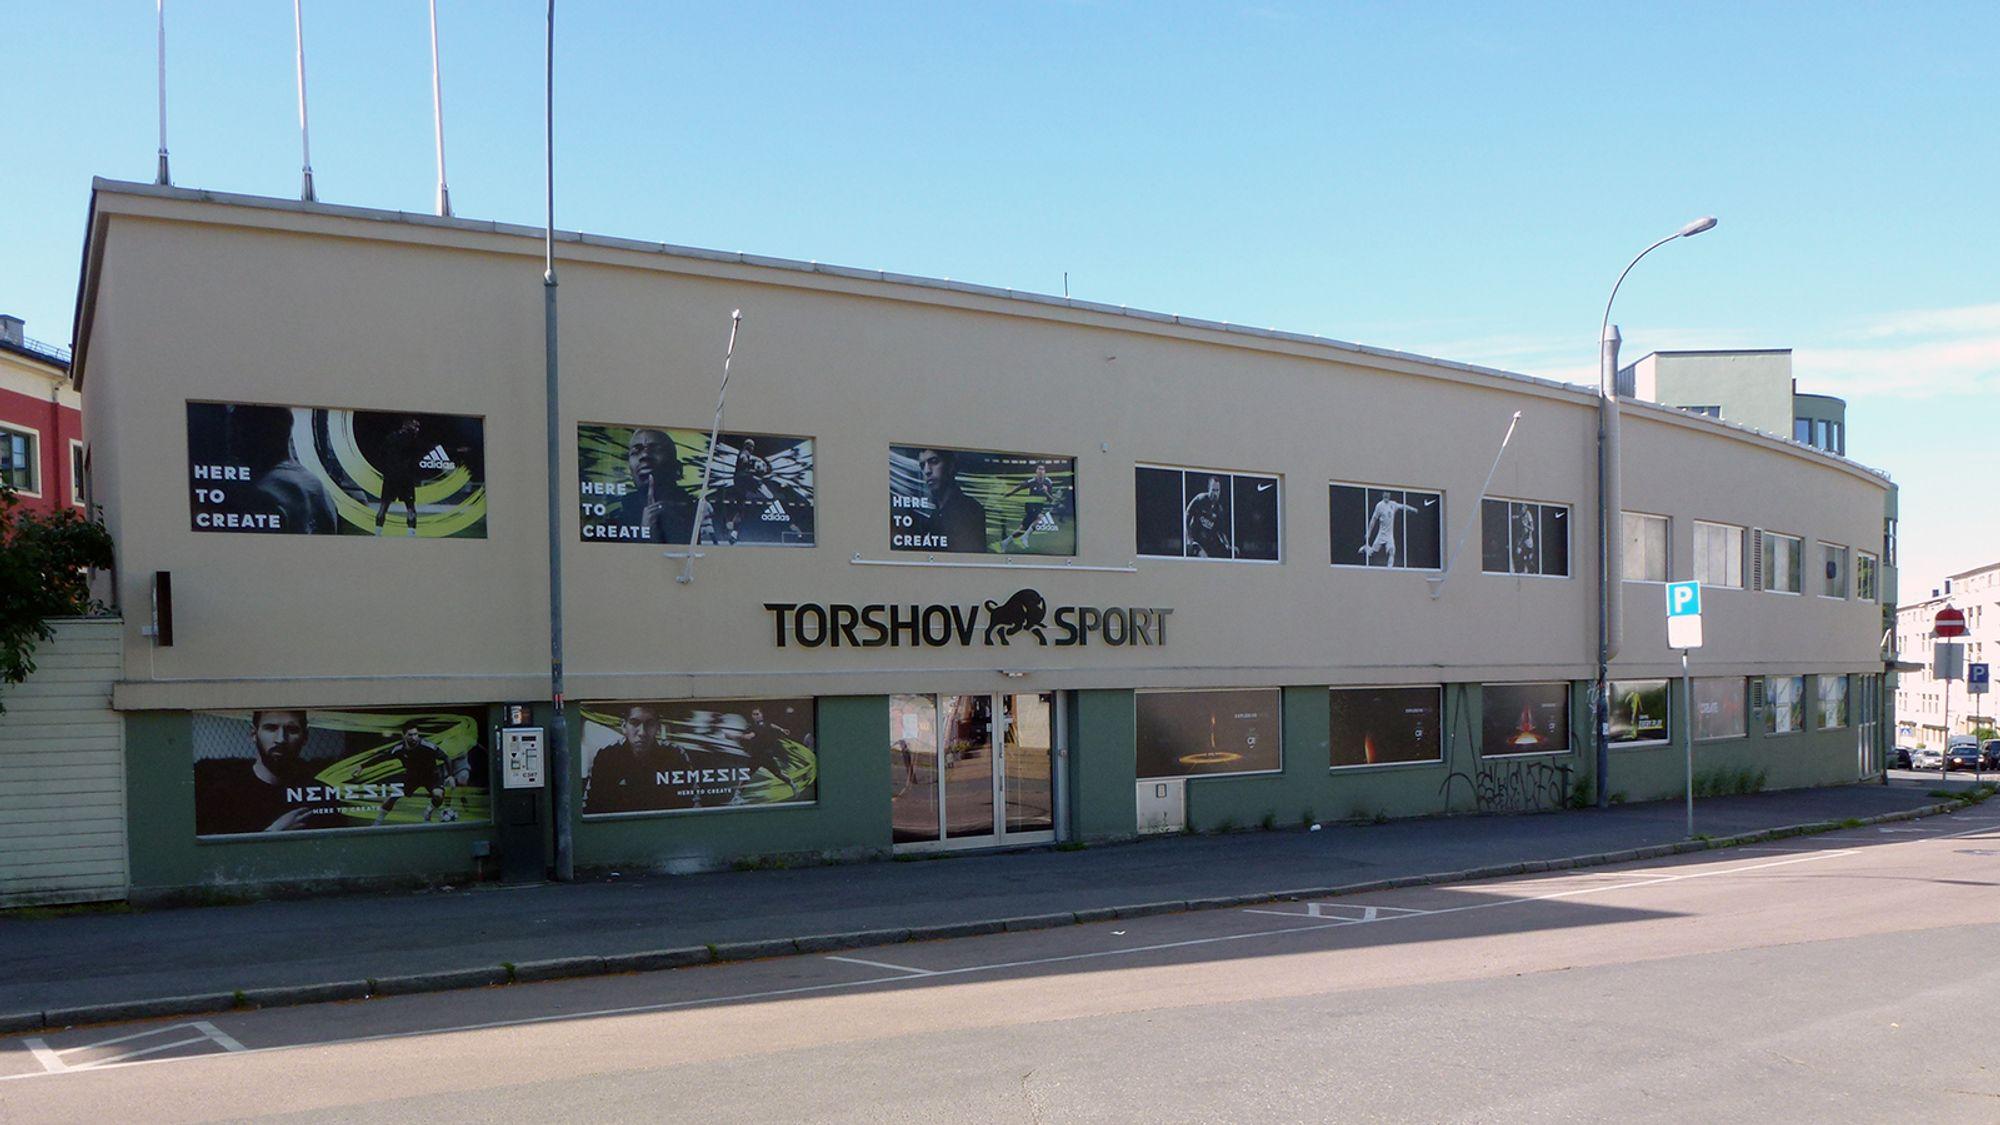 71c6007c Bak disse veggene i Sandakerveien på Torshov i Oslo finner du verdens  største fotballbutikk.